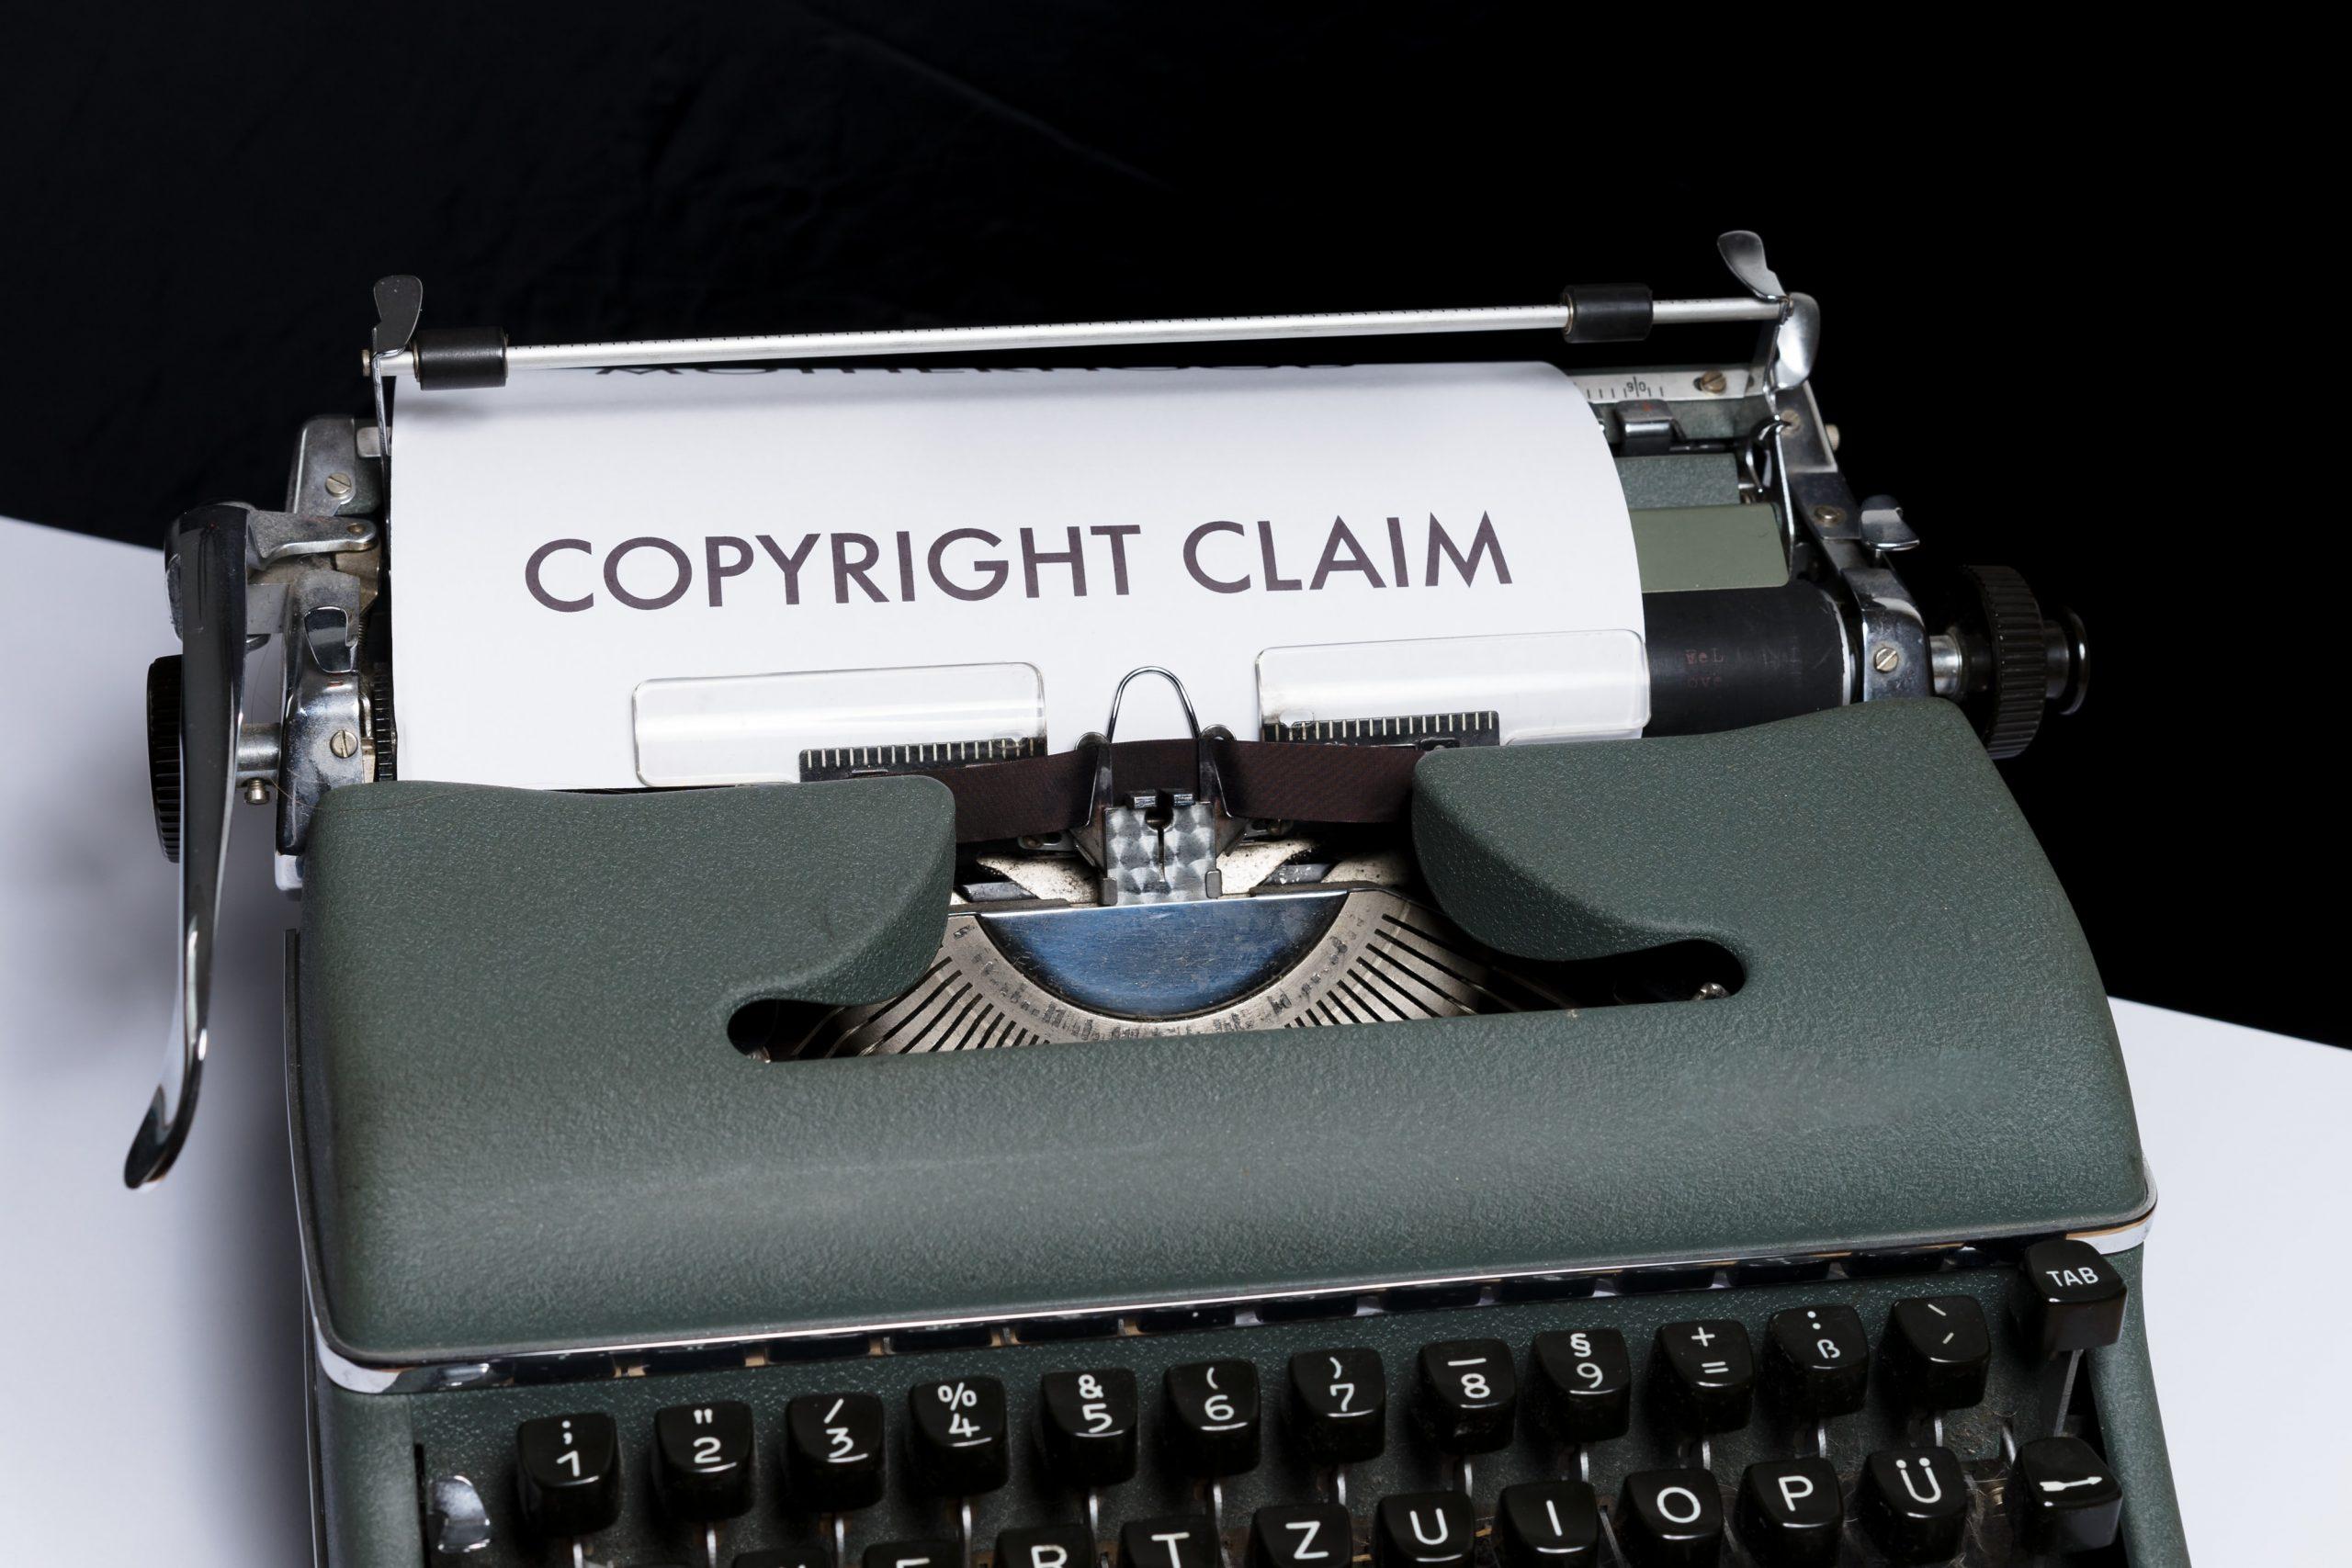 Jangan Asal Comot Milik Orang ! Yuk, pahami mengenai apa hak cipta itu